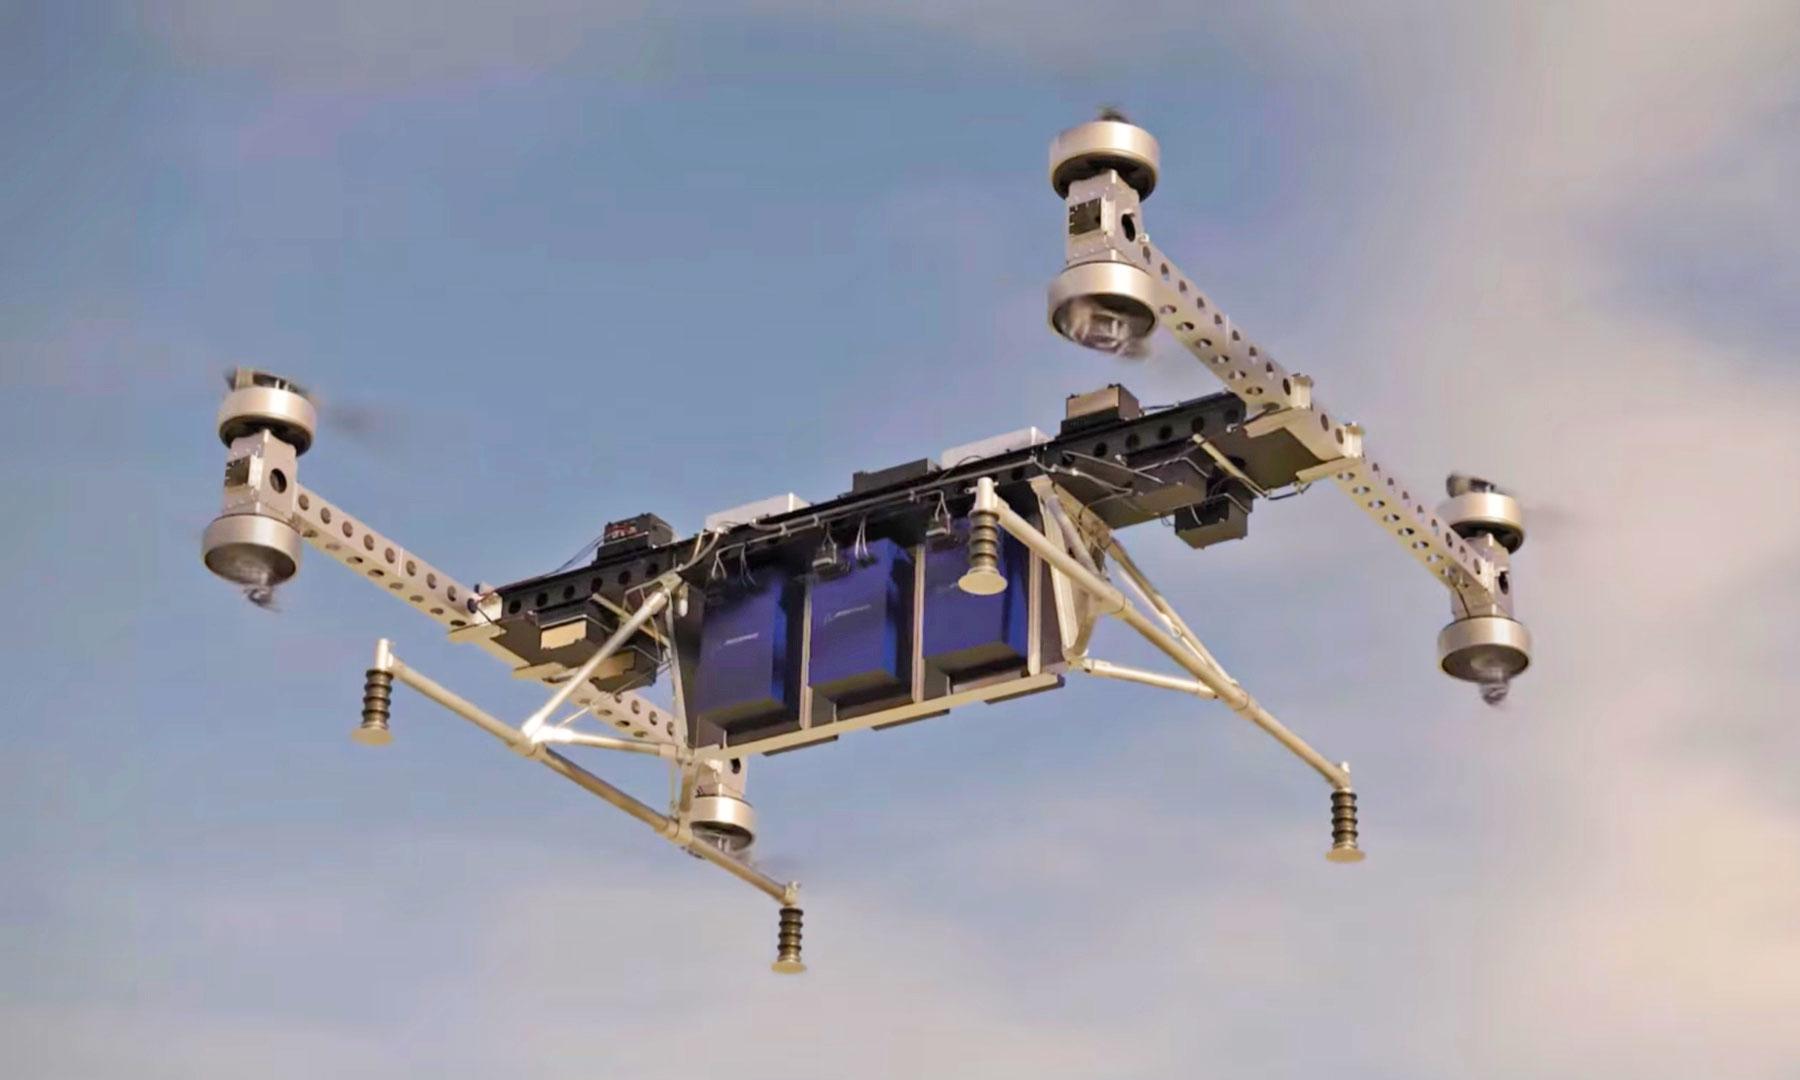 Boeing svela un drone gigante, può trasportare 225 kg